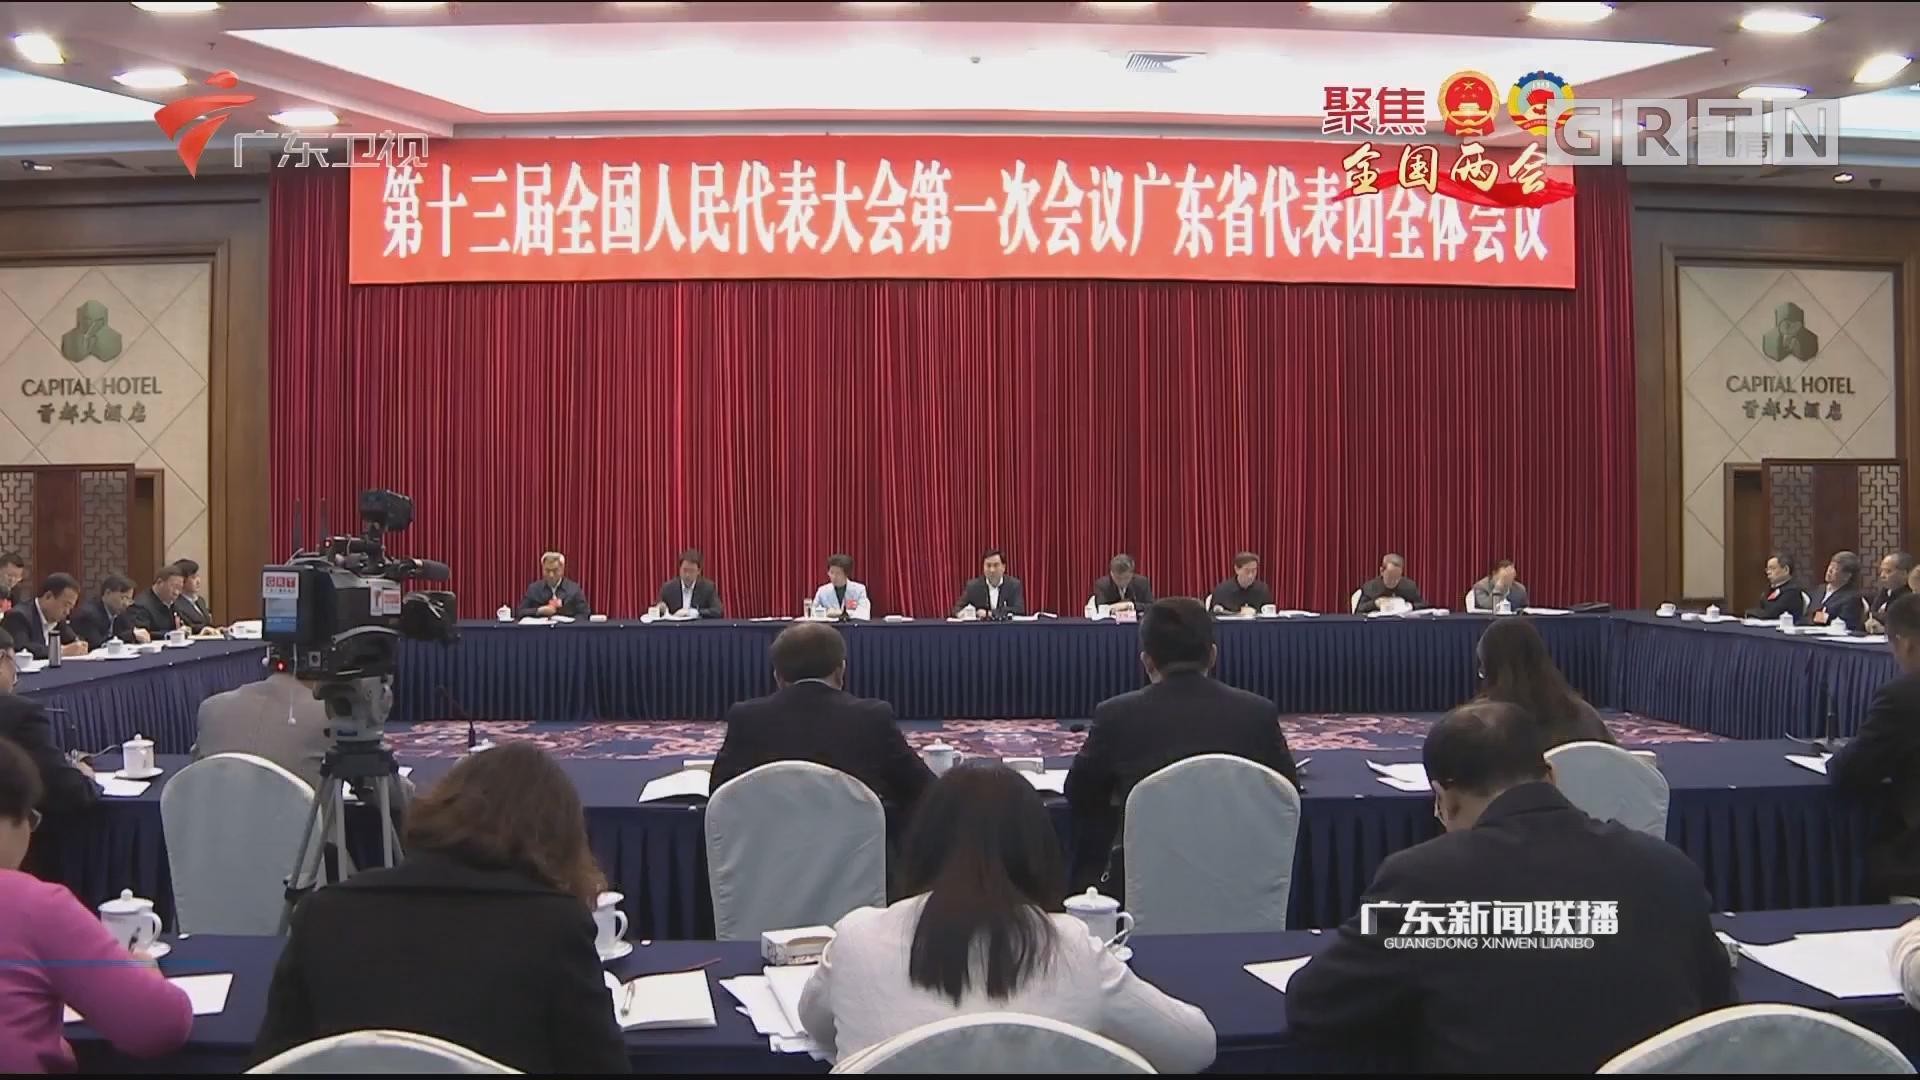 广东代表团审议全国人大常委会工作报告 李希马兴瑞李玉妹等发言